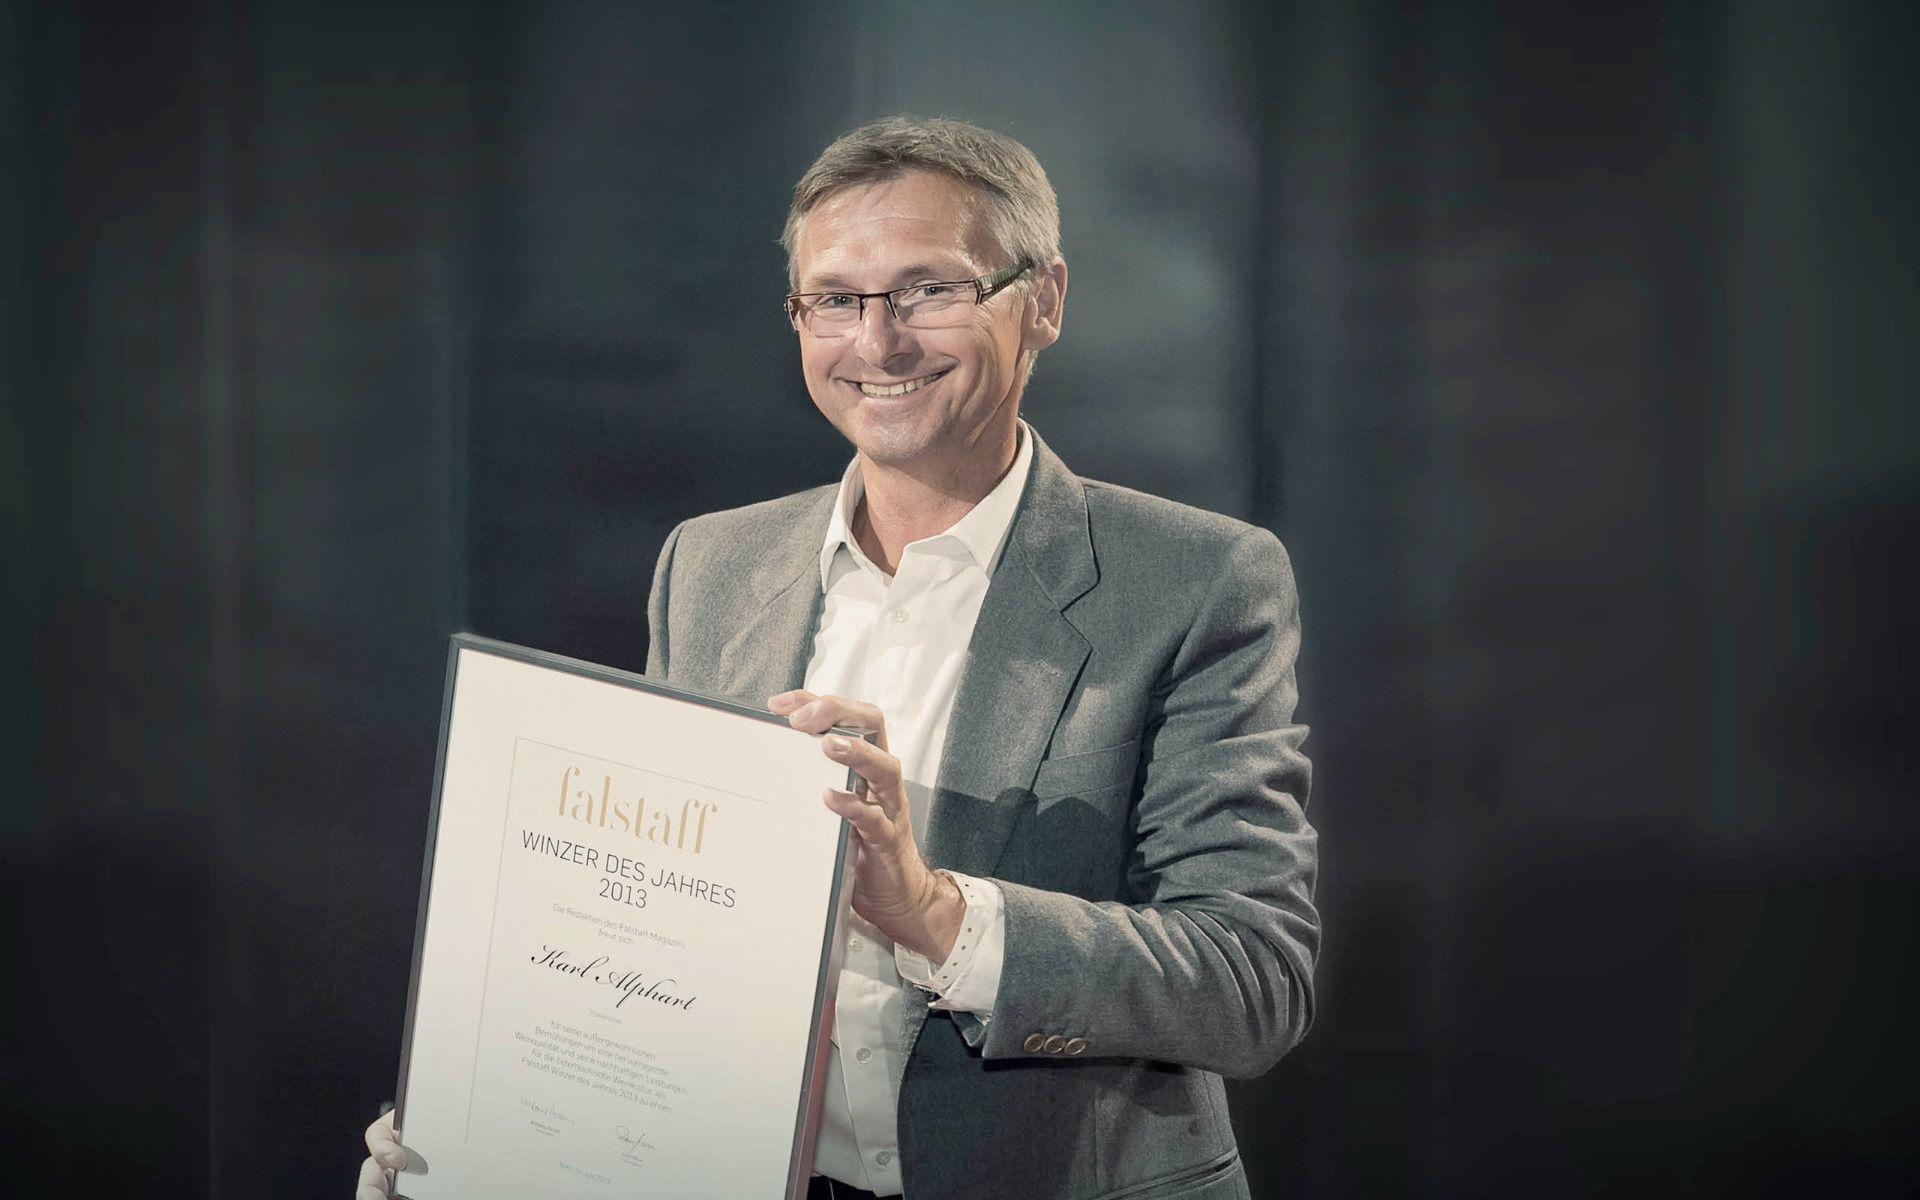 Karl Alphart winzer des jahres 2013